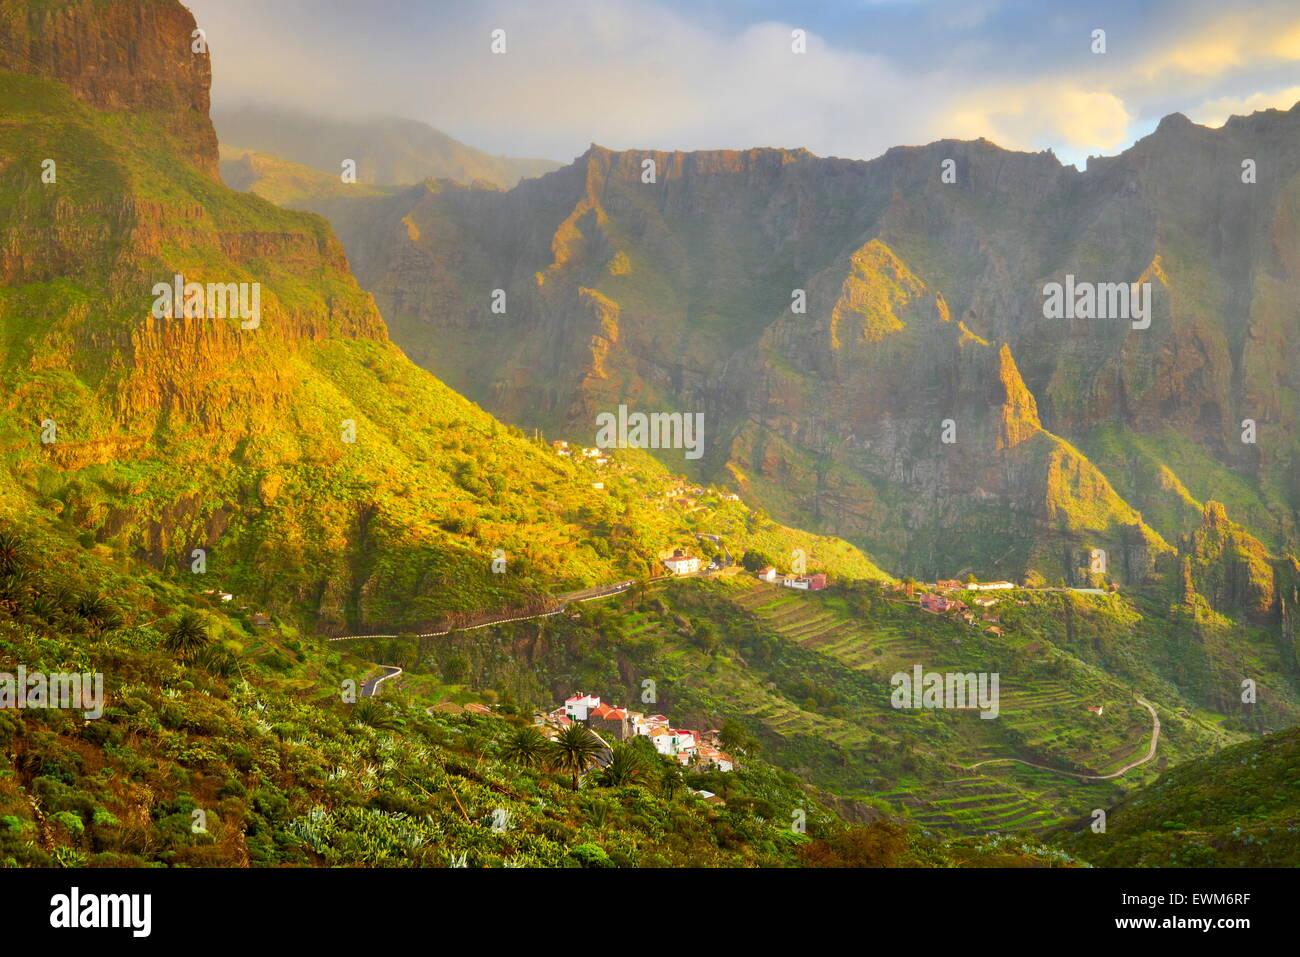 Pueblo de Masca, Tenerife, Islas Canarias, España Foto de stock